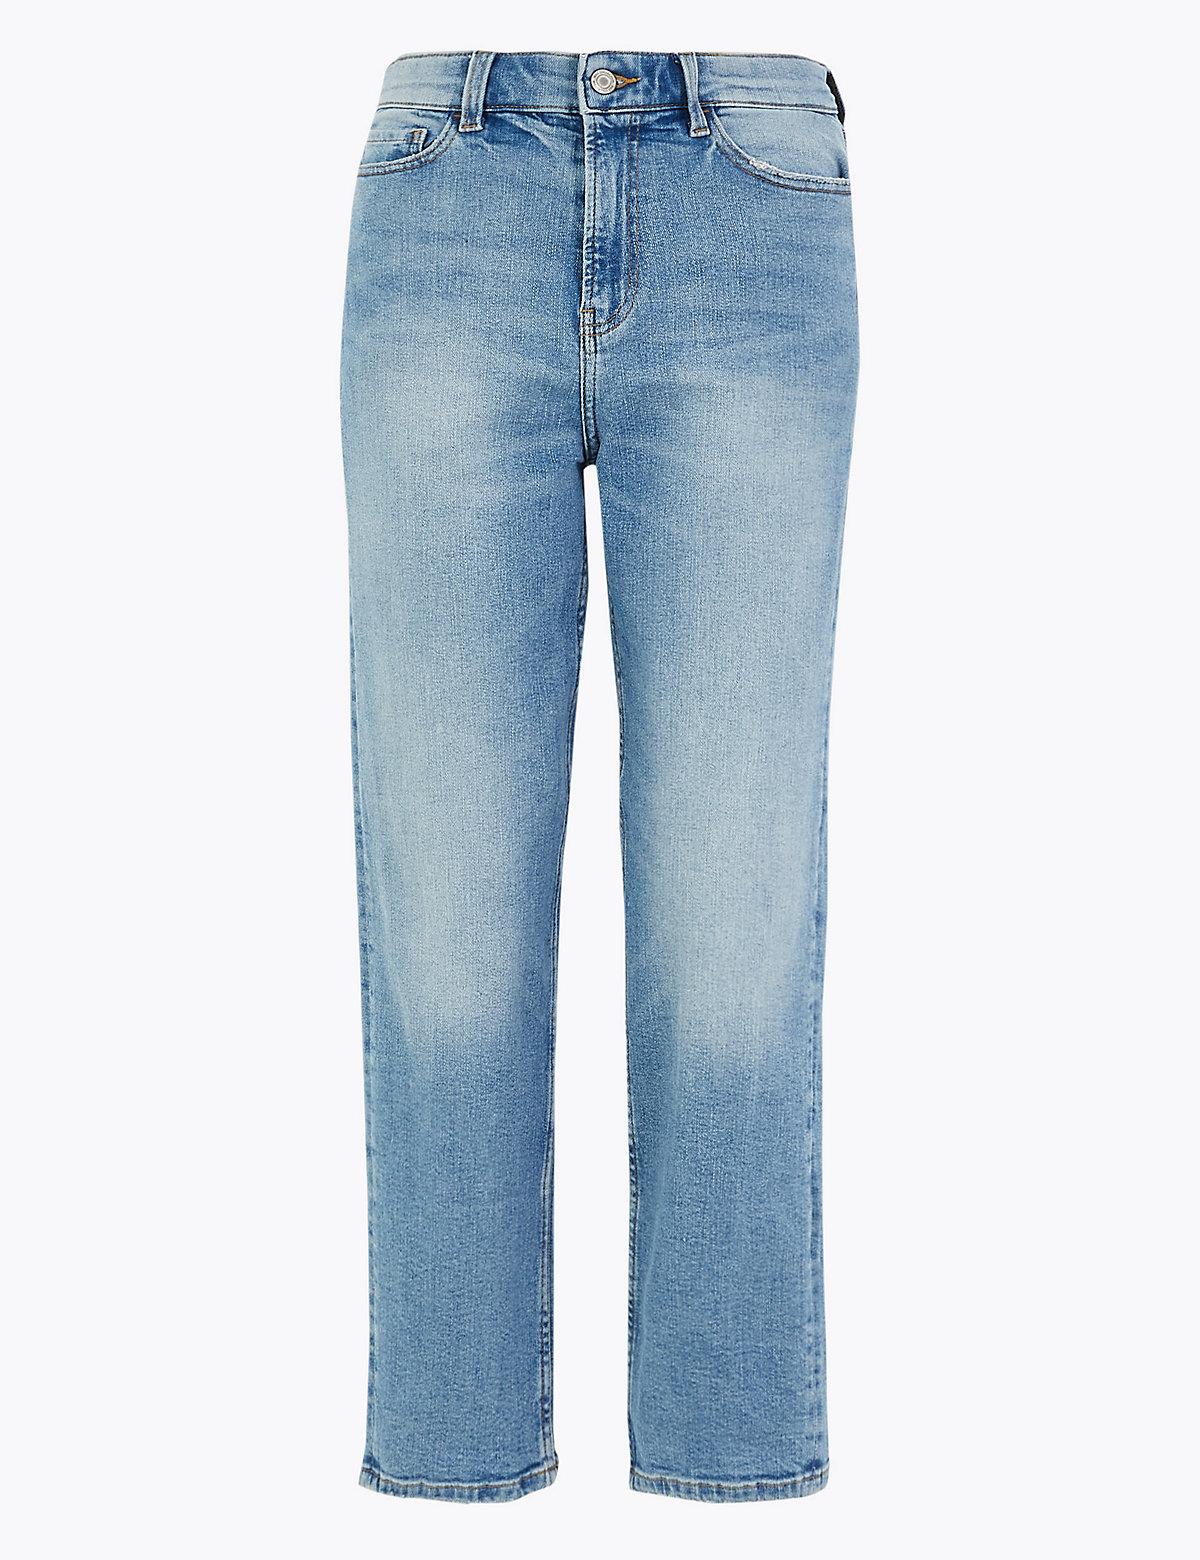 Прямые джинсы грейзер с высокой талией